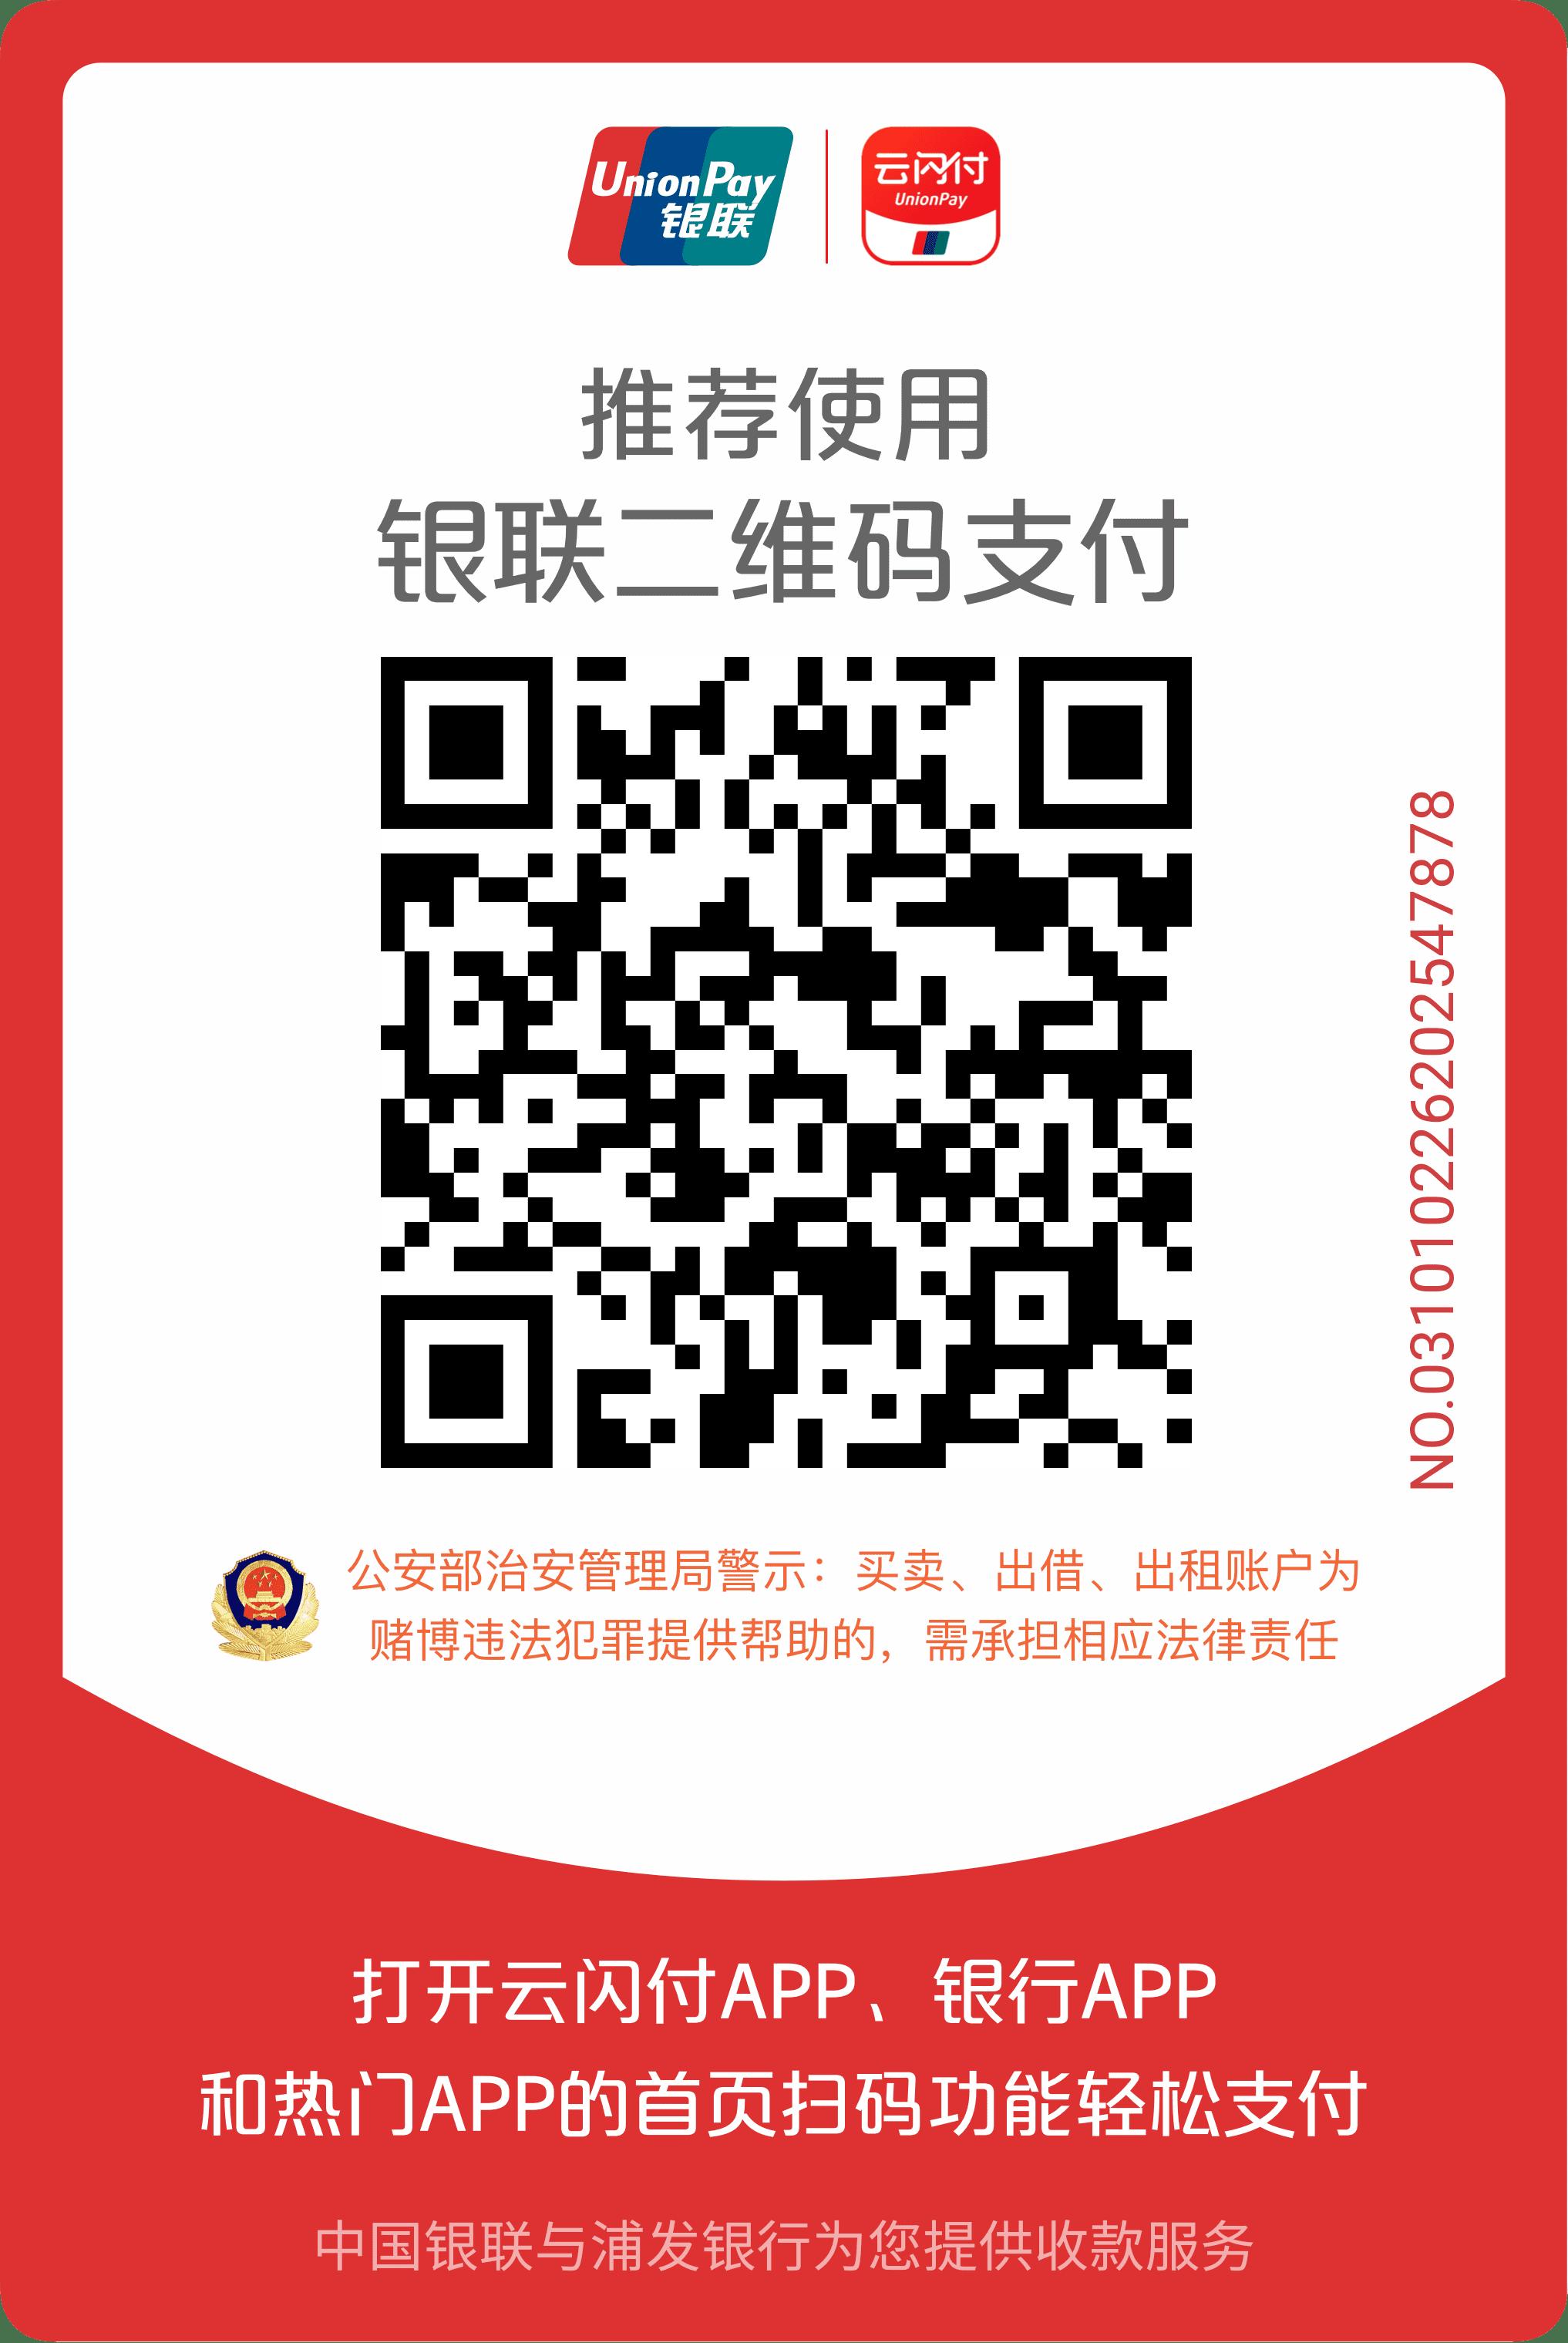 【网络兼职小任务】云闪付-青团社